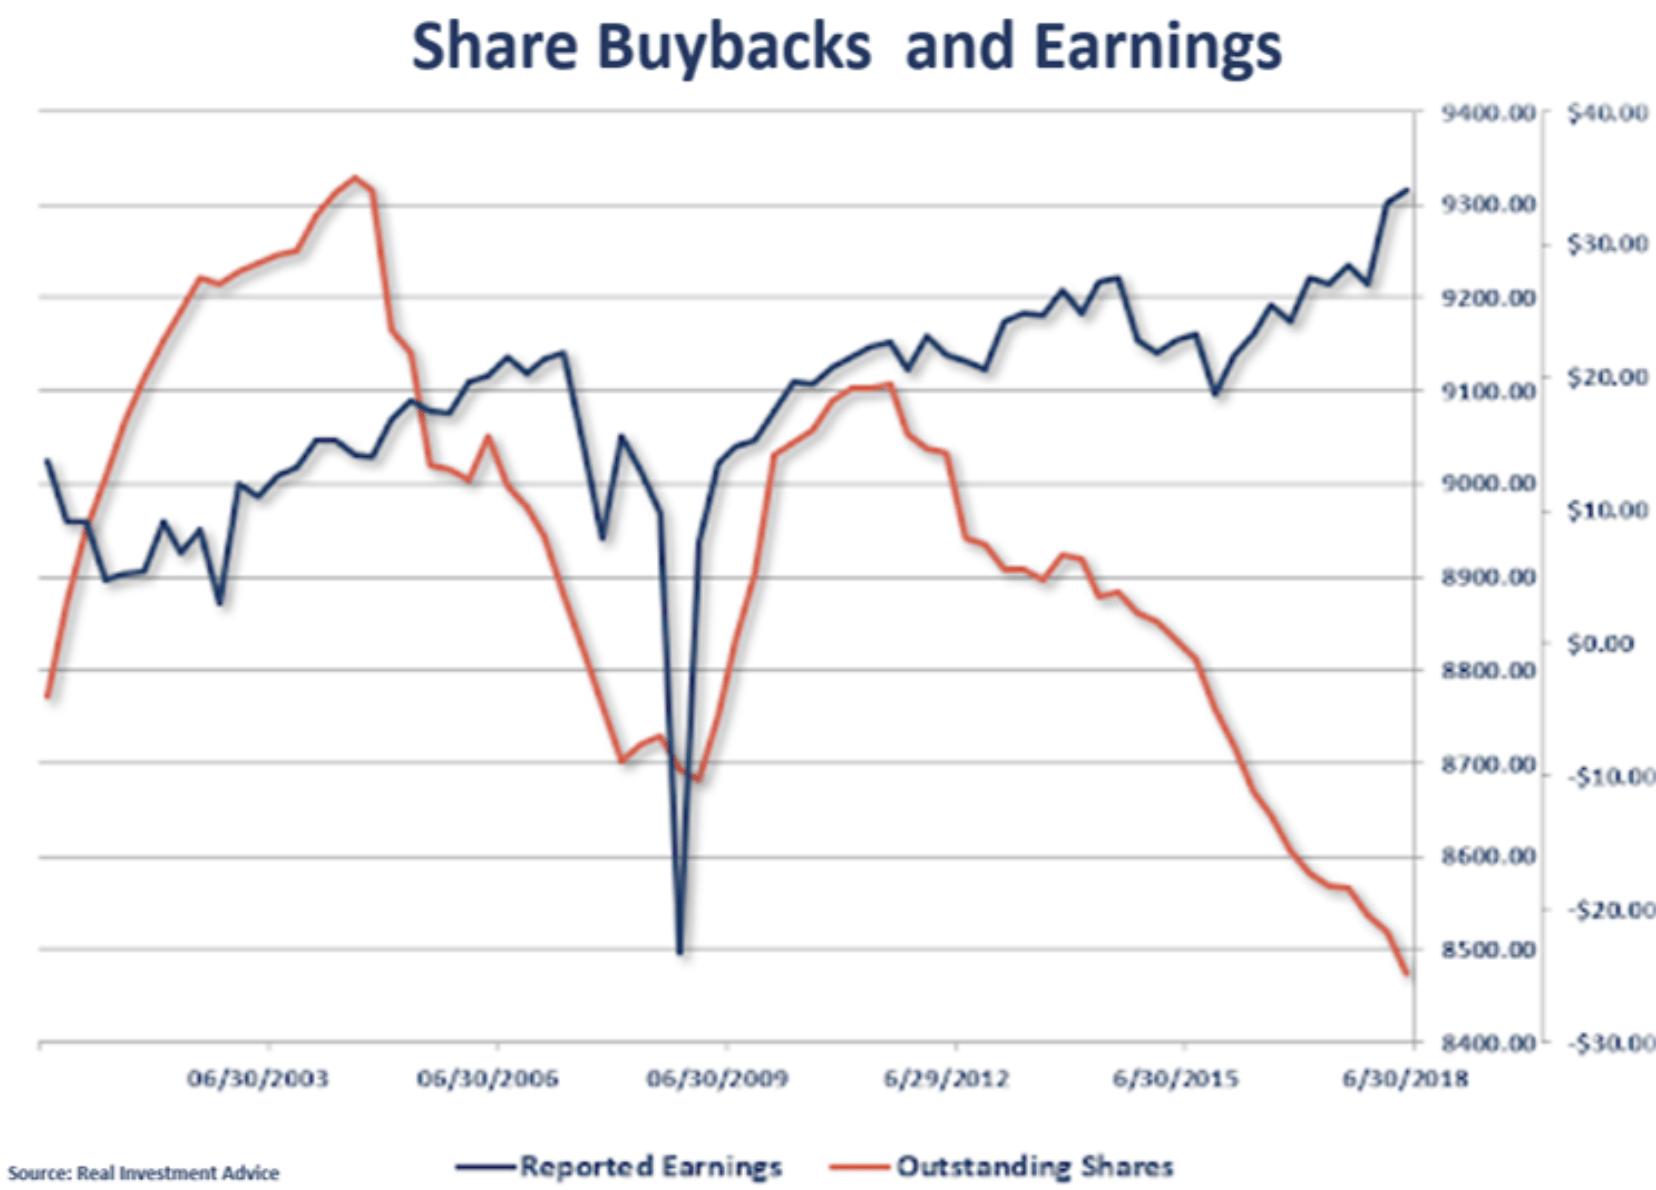 Aktienrückkäufe in Relation zu den Unternehmensgewinnen